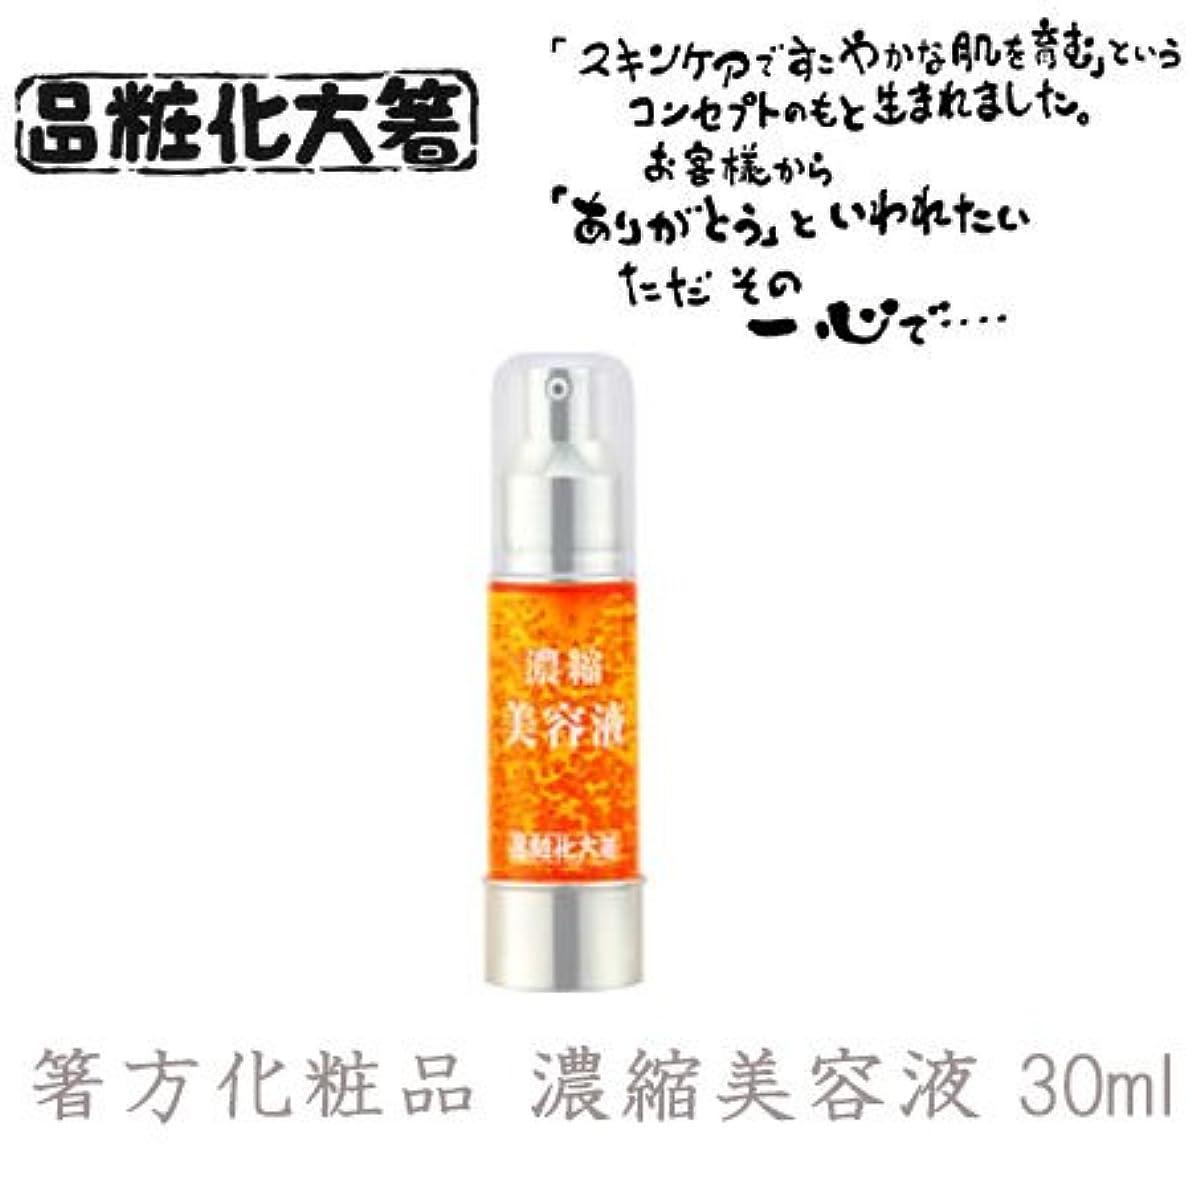 ヘルパー観察するバックグラウンド箸方化粧品 濃縮美容液 30ml はしかた化粧品